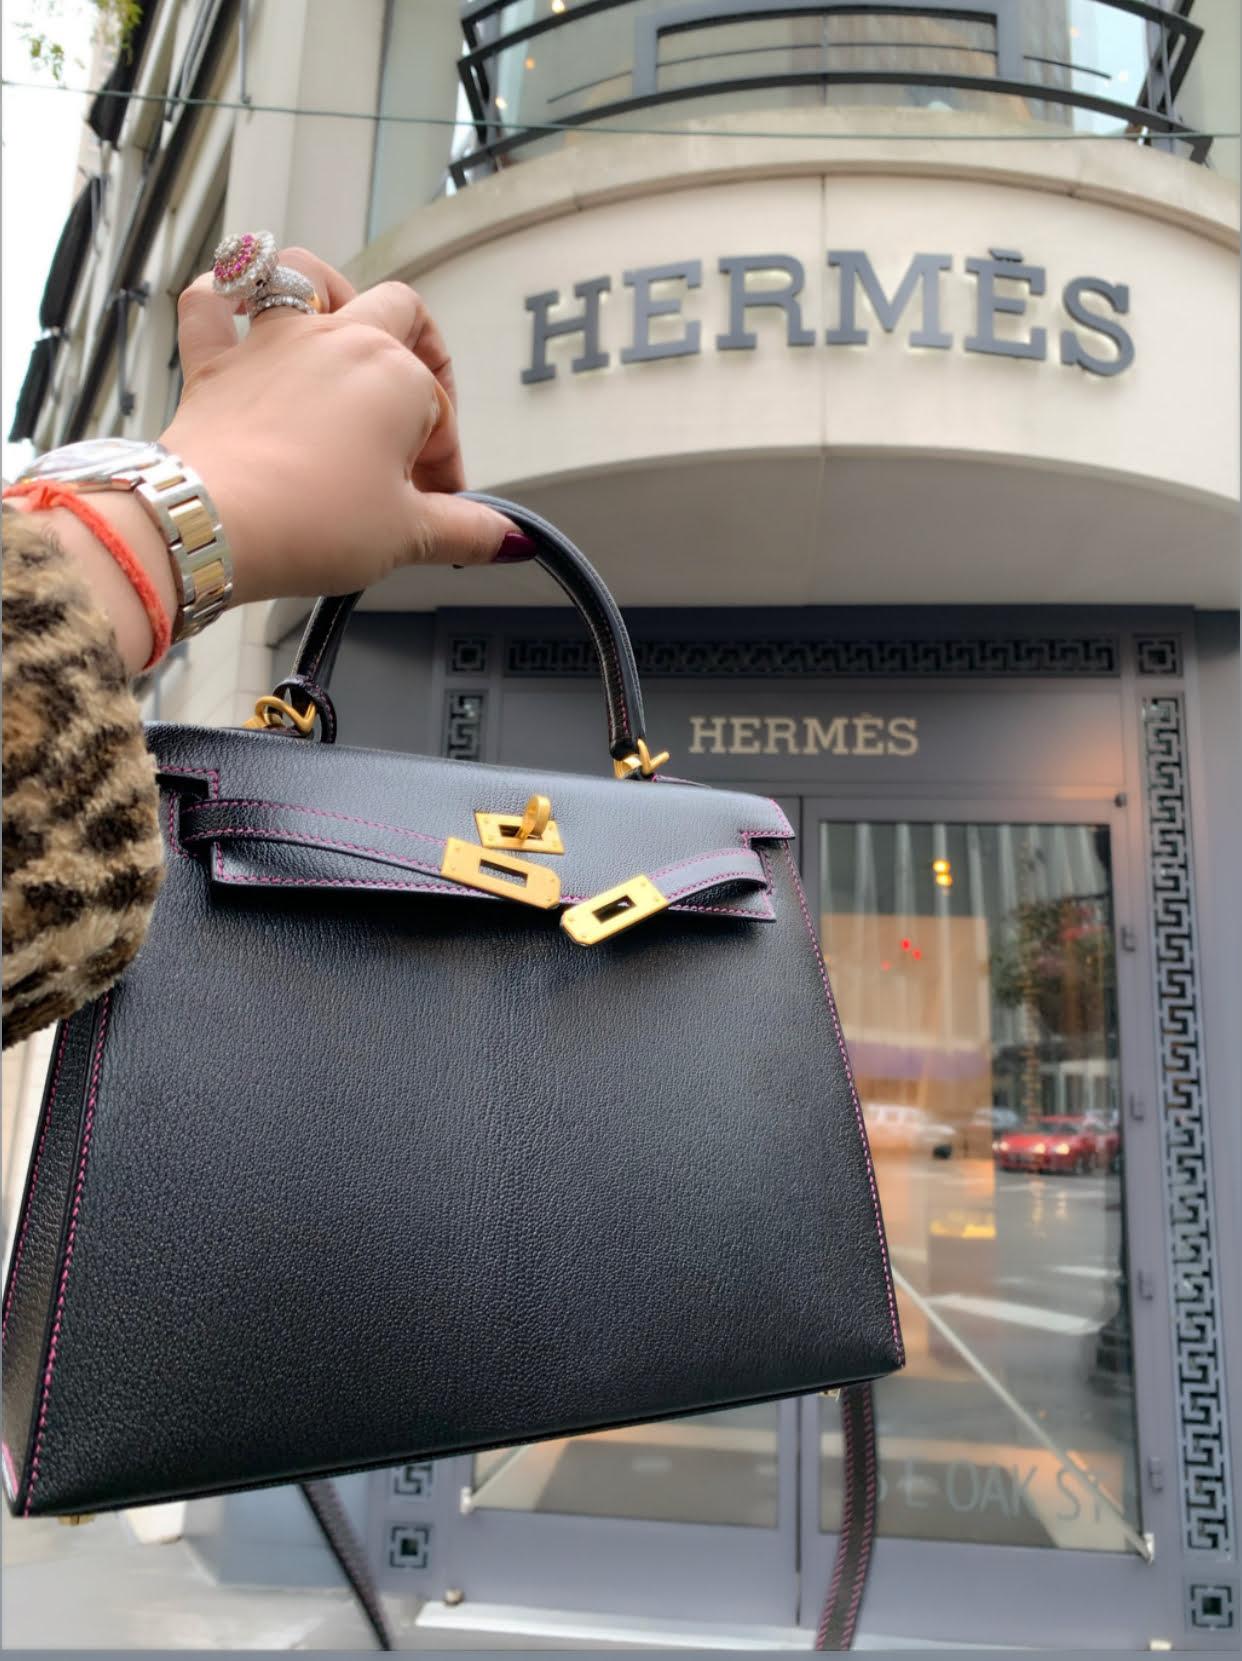 Hermès leads luxury industry financials in 2020